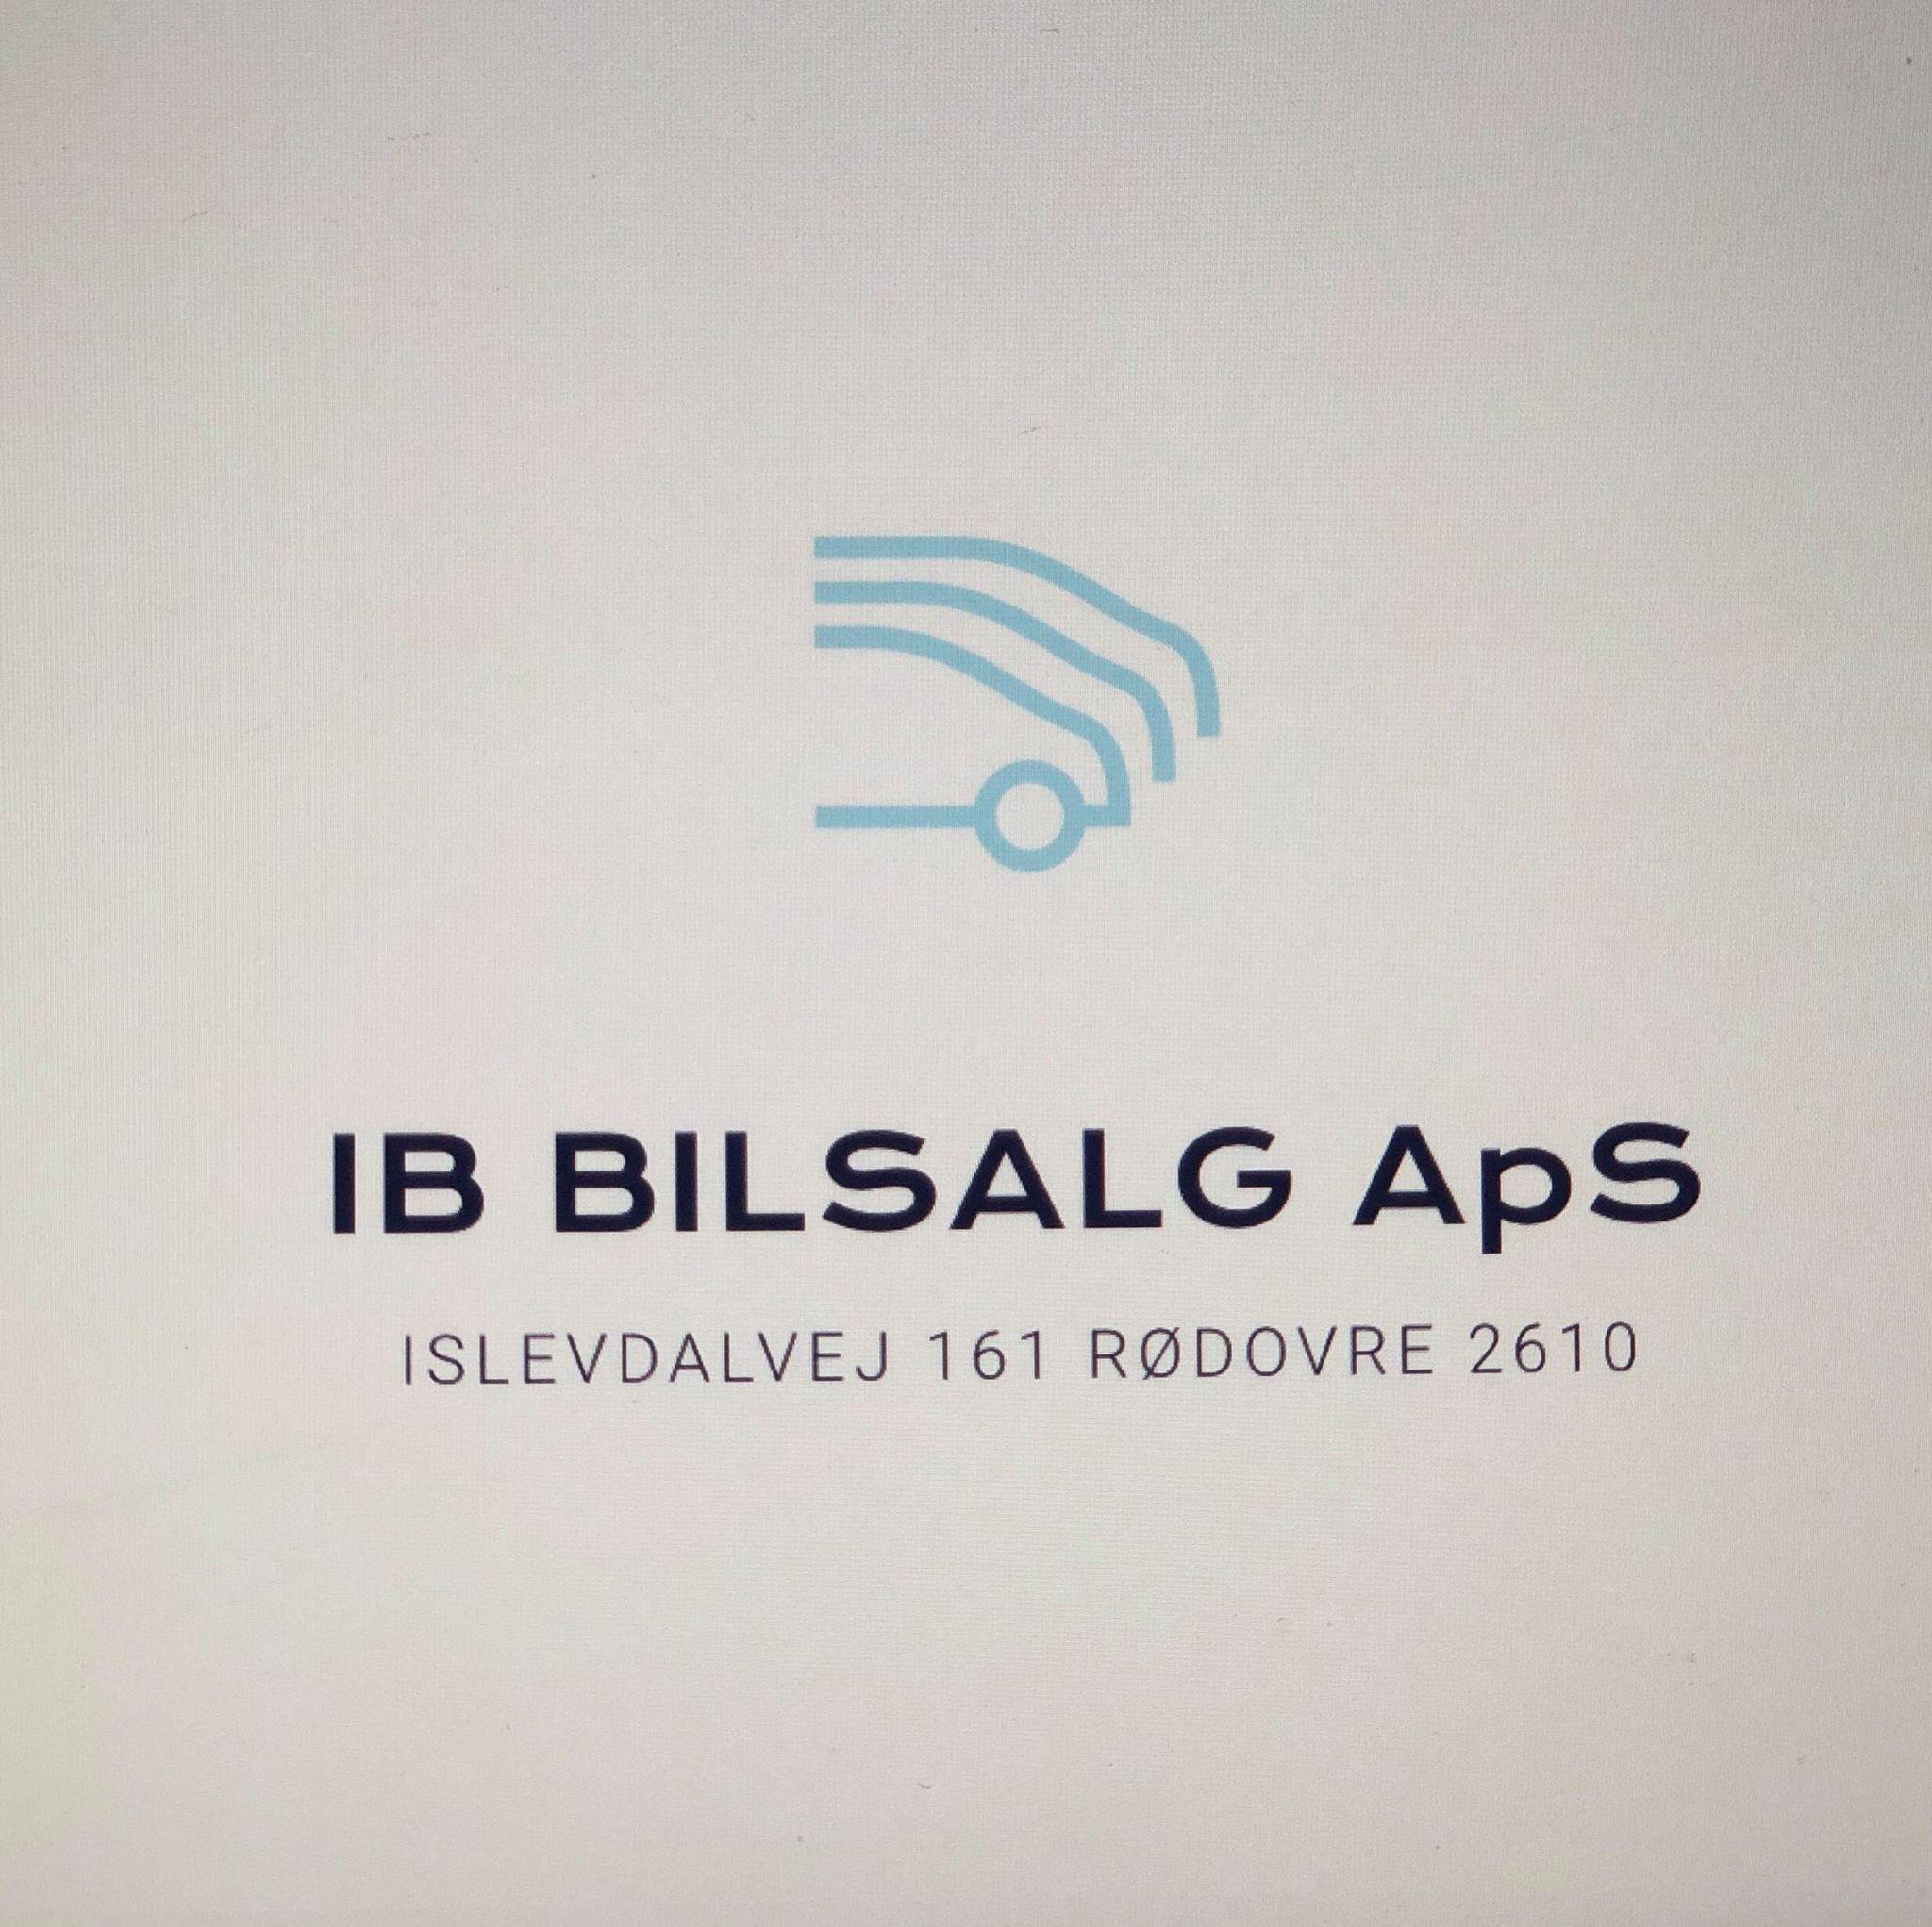 IB Bilsalg ApS logo